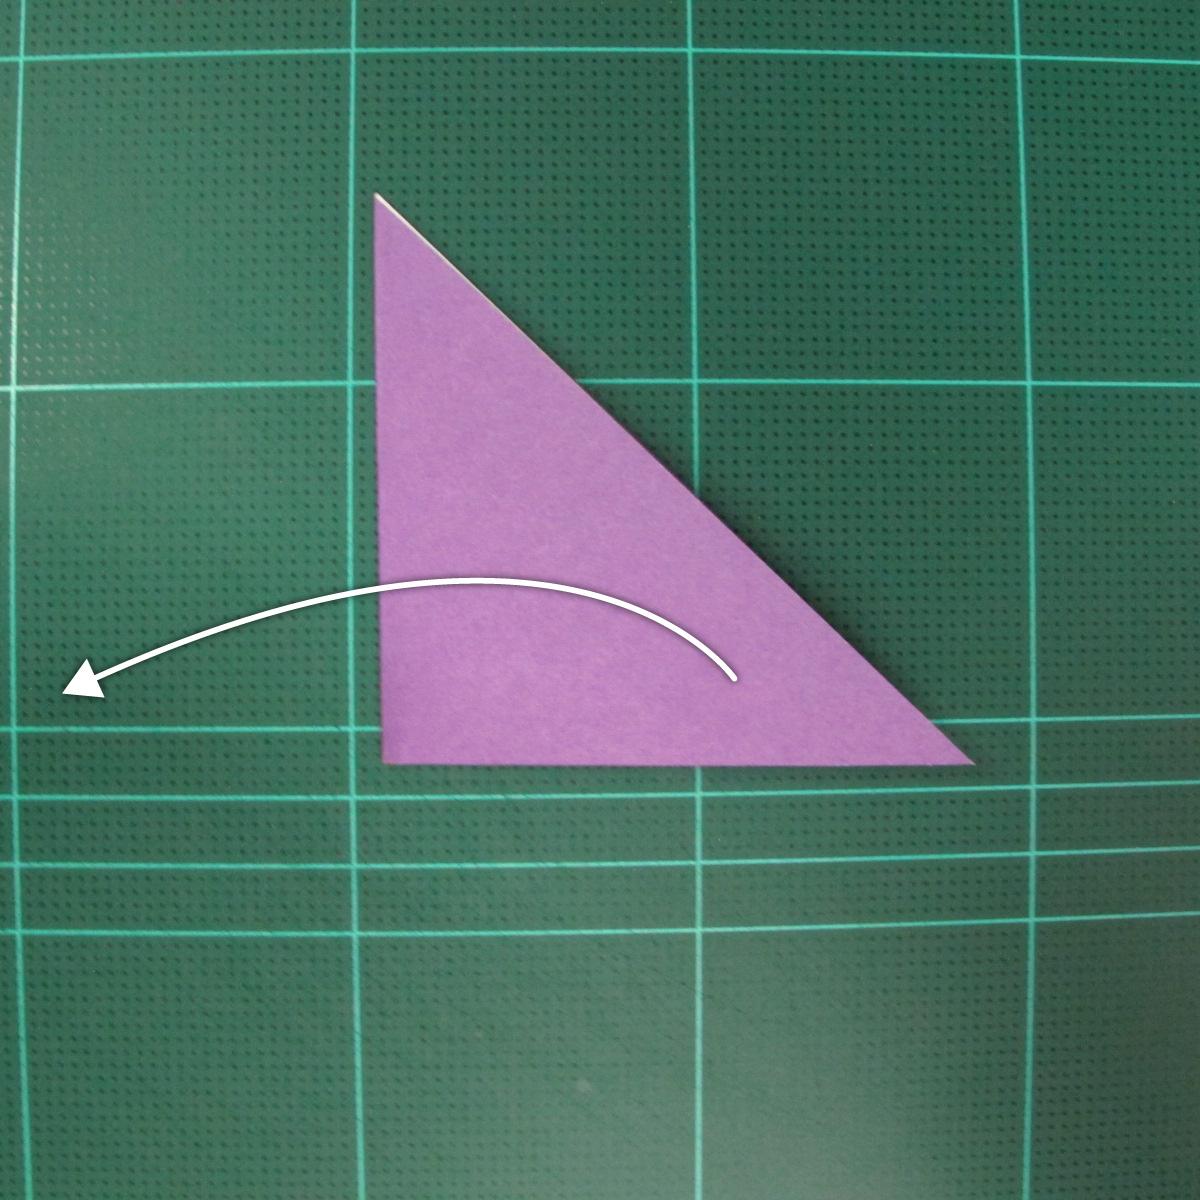 วิธีพับกระดาษเป็นนกพิราบแบบง่าย (Easy Origami Pigeon) 003